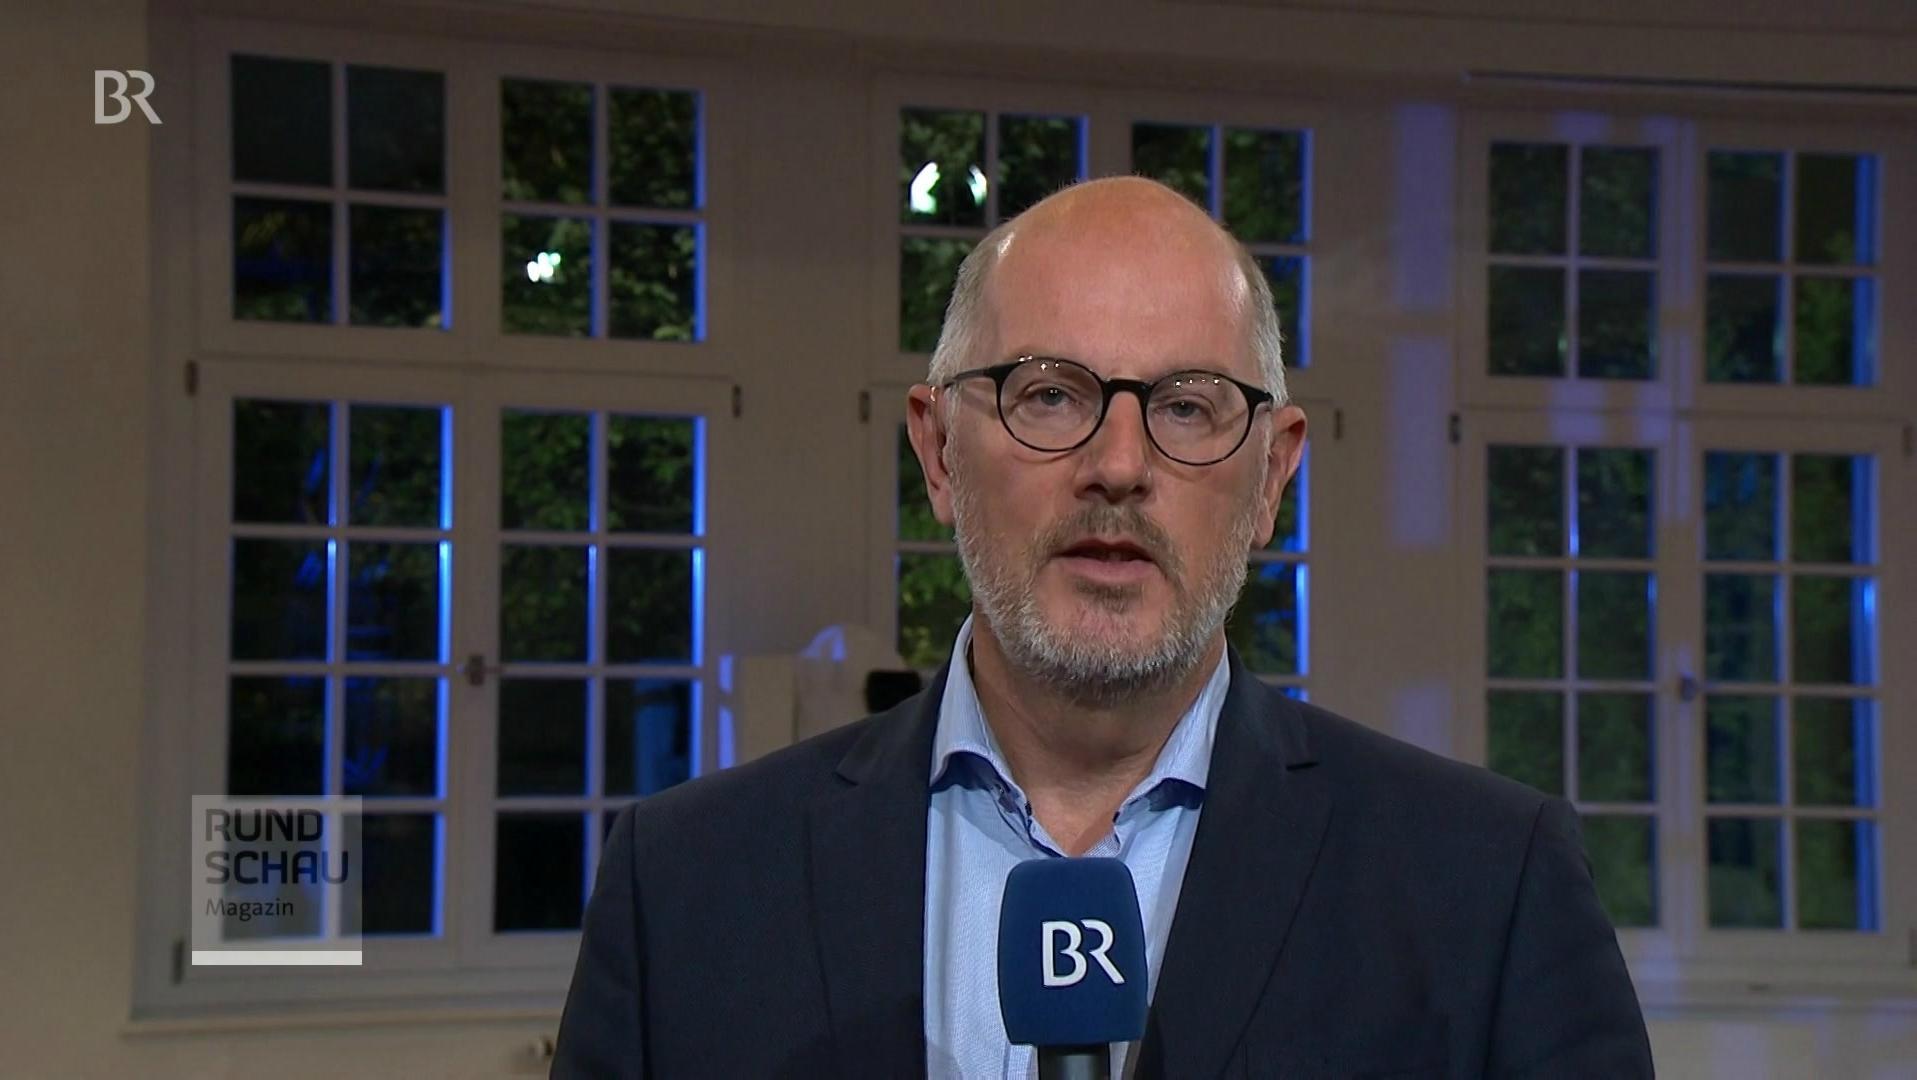 Nikolaus Neumaier, Leiter BR-Landespolitik